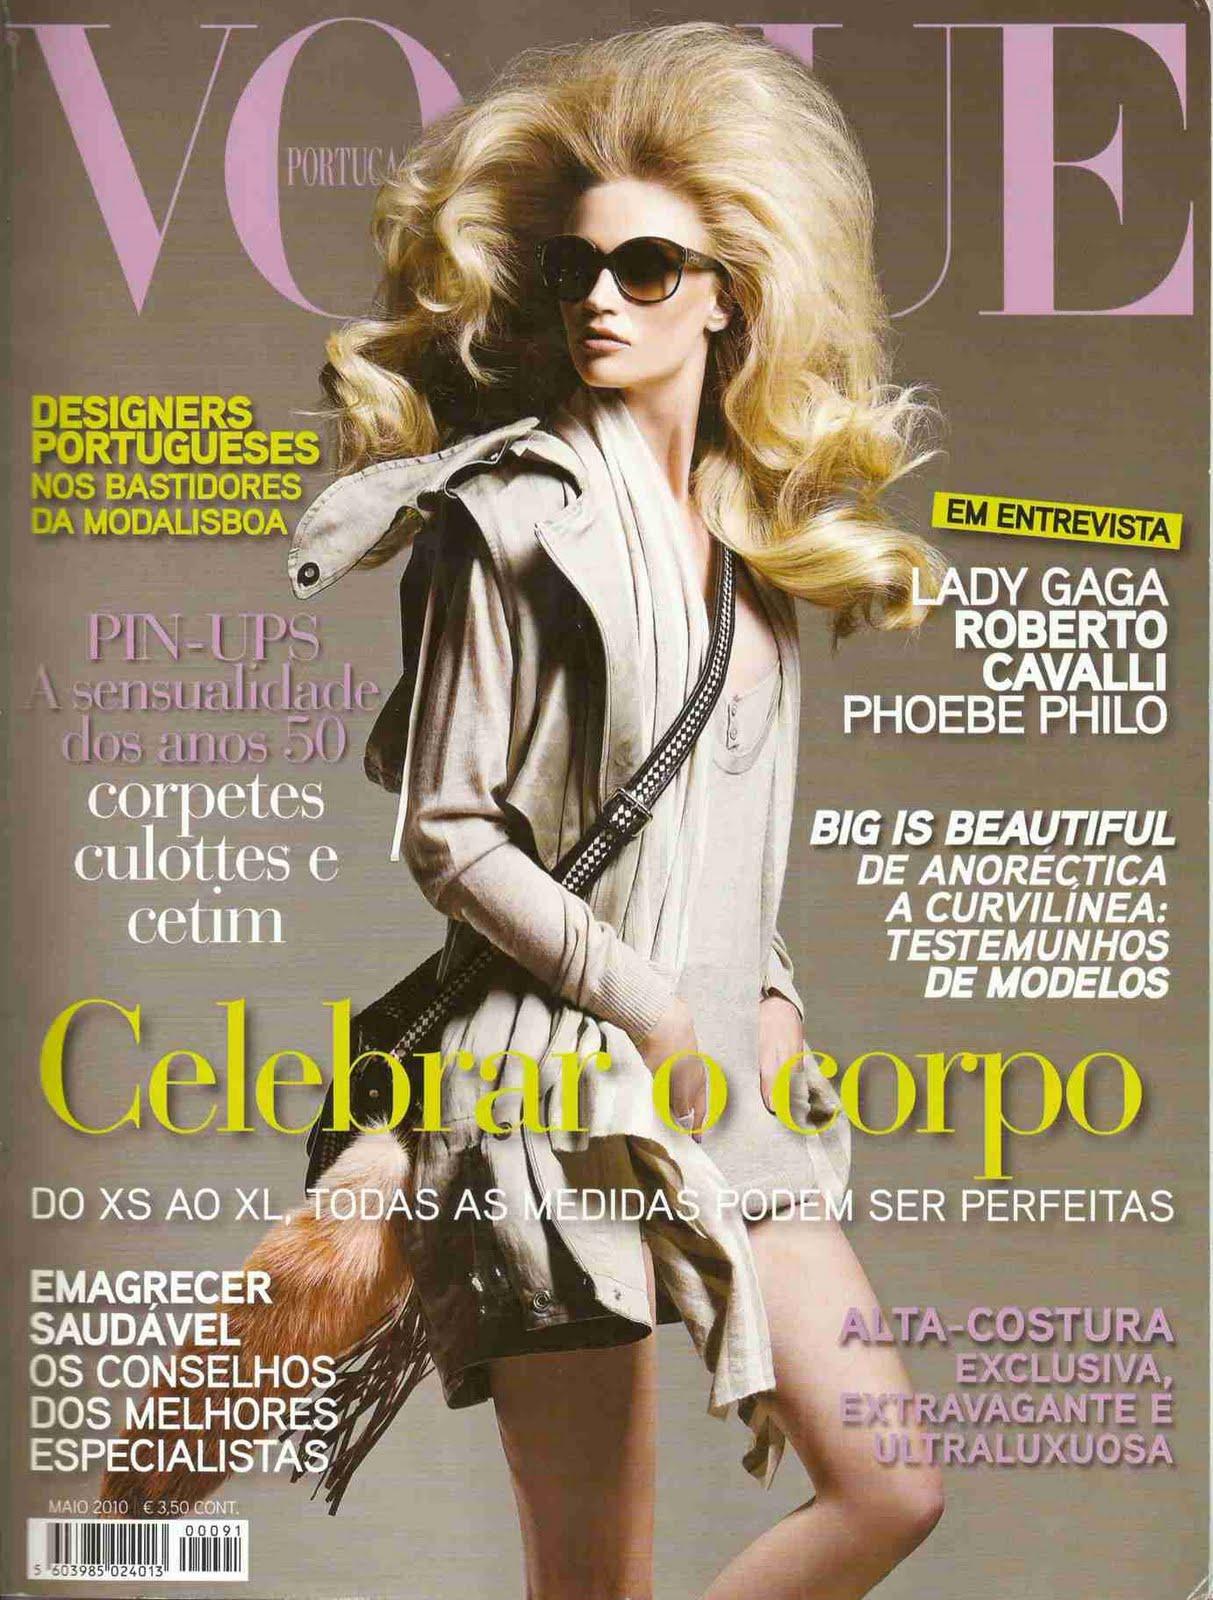 http://3.bp.blogspot.com/_L6XJUhBk6SY/S-gW-gsGYzI/AAAAAAAAJpw/KI9B5cbabLk/s1600/Viviane_Orth_Vogue_Portugal.jpg